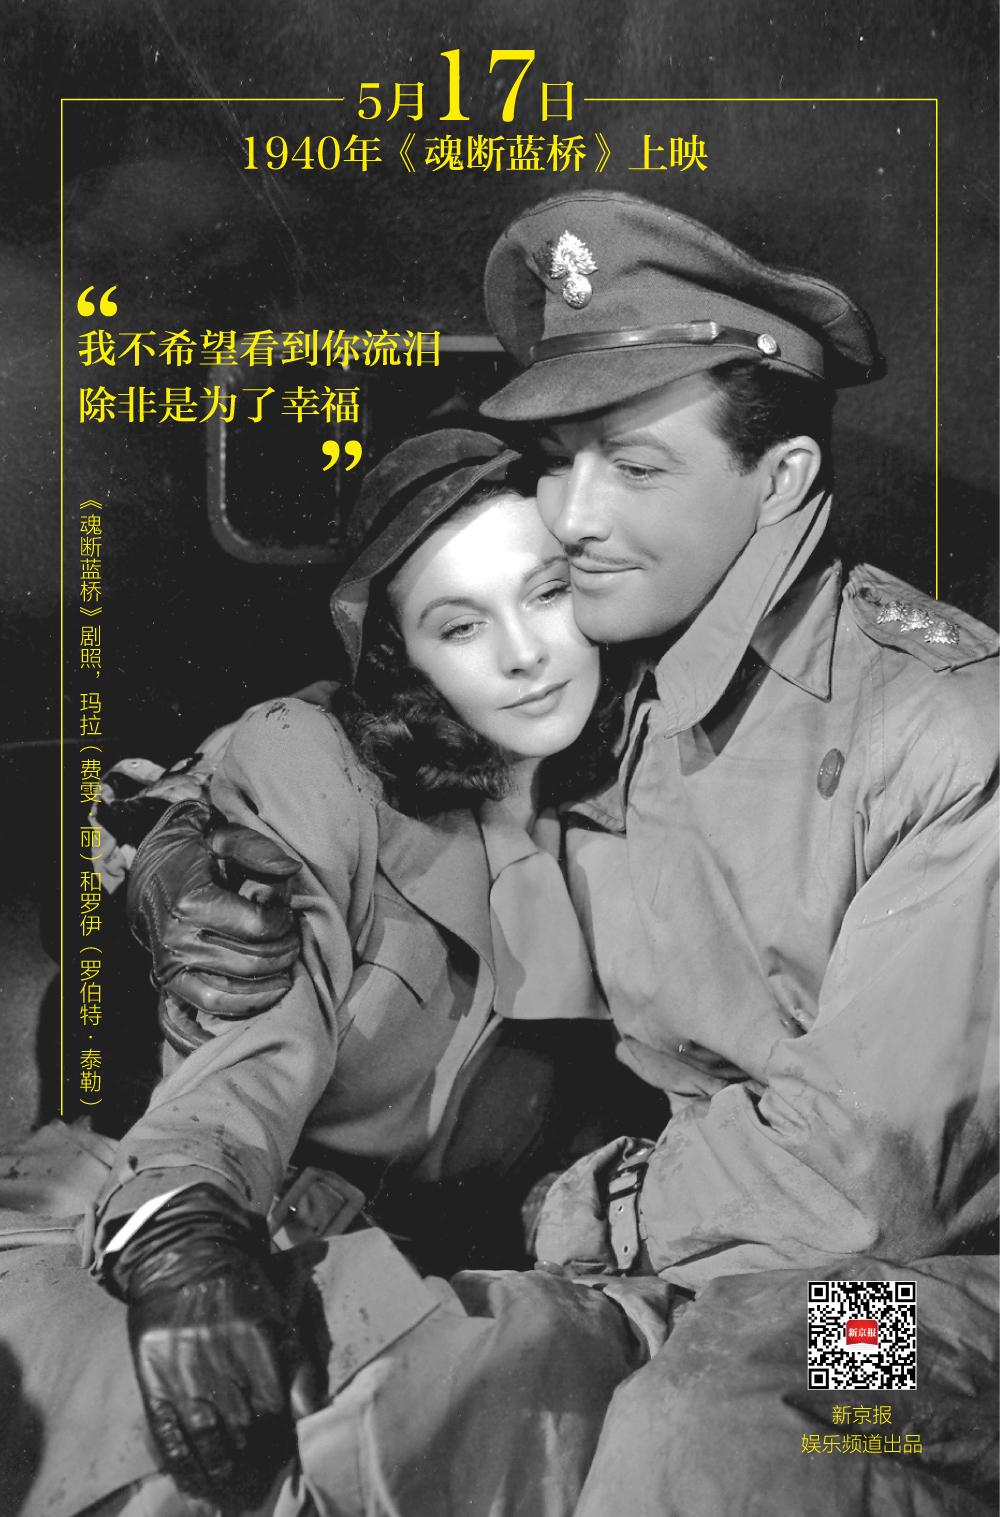 这部凄美爱情电影,让人们看到了战争的残酷丨